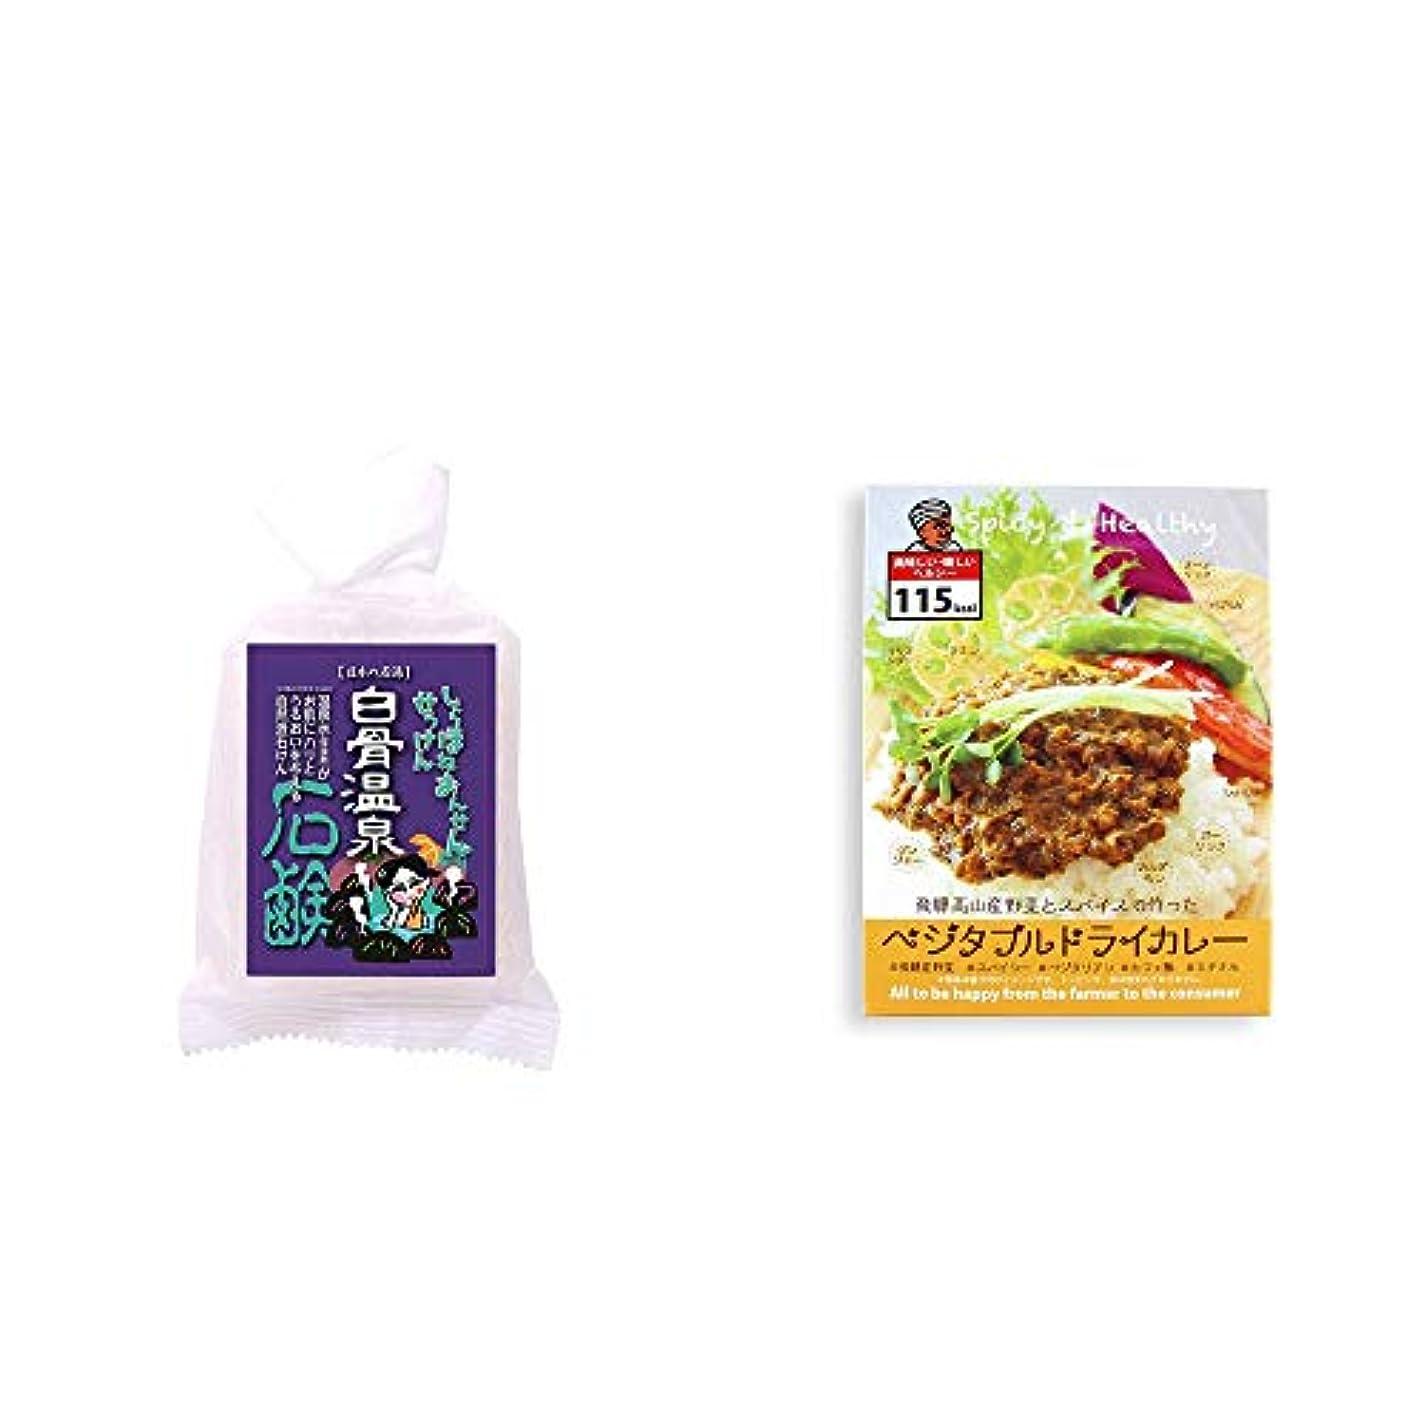 粗い所持集中[2点セット] 信州 白骨温泉石鹸(80g)?飛騨産野菜とスパイスで作ったベジタブルドライカレー(100g)